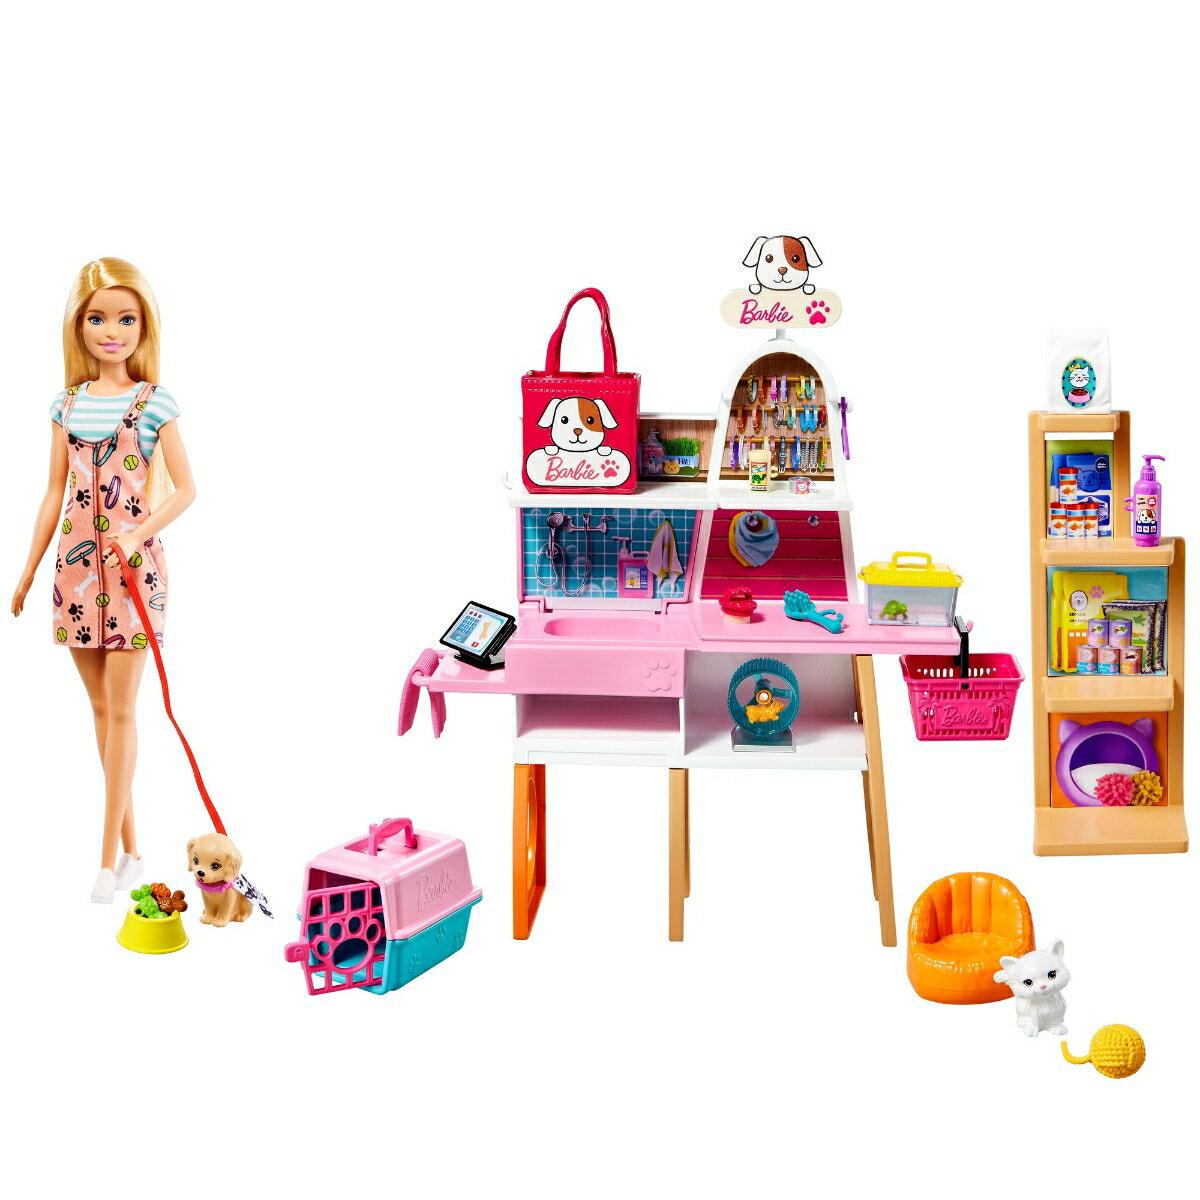 バービー(Barbie) ペットショップ トリミングも! GRG90